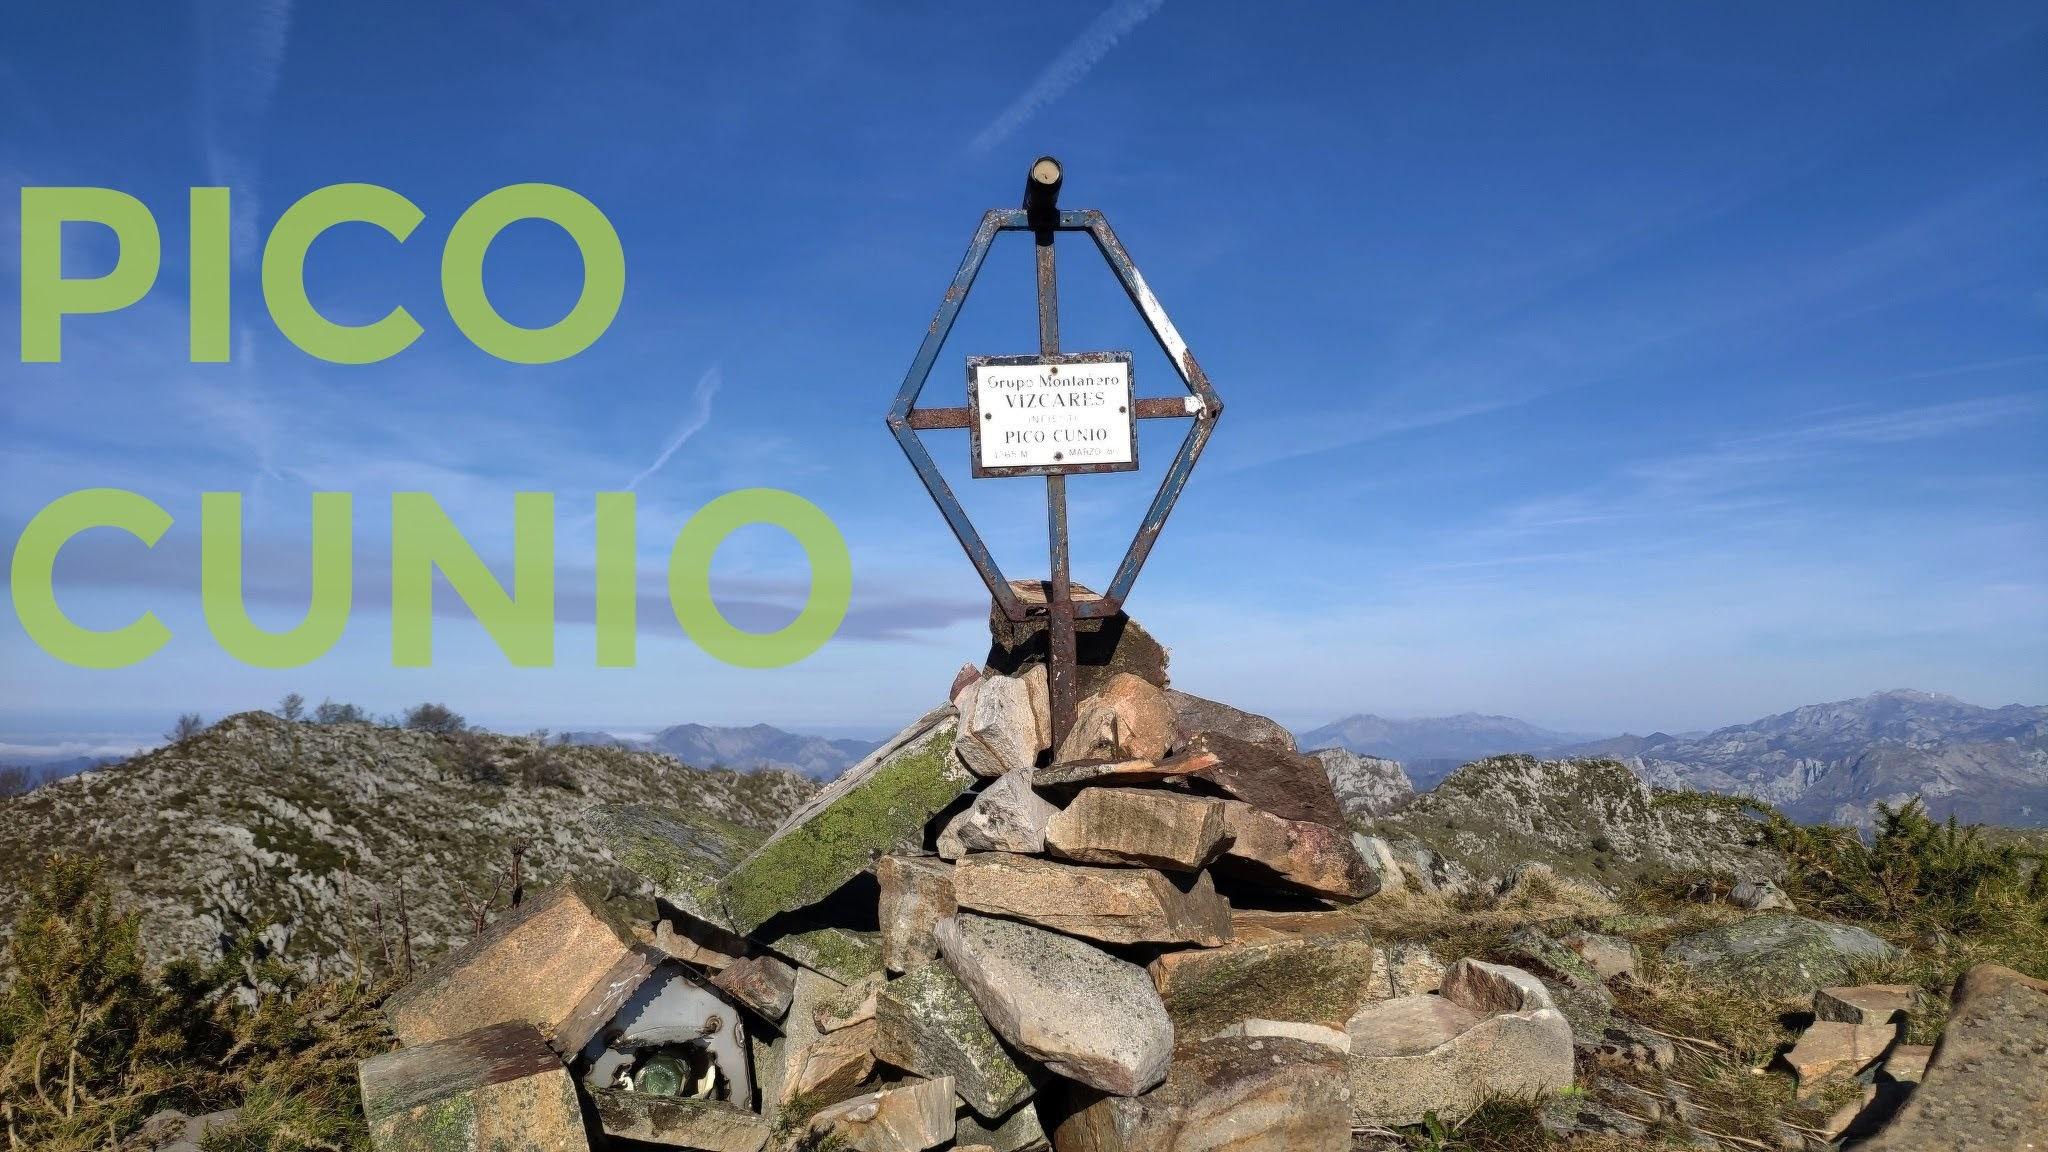 Buzón de cima del Pico Cunio, Ponga